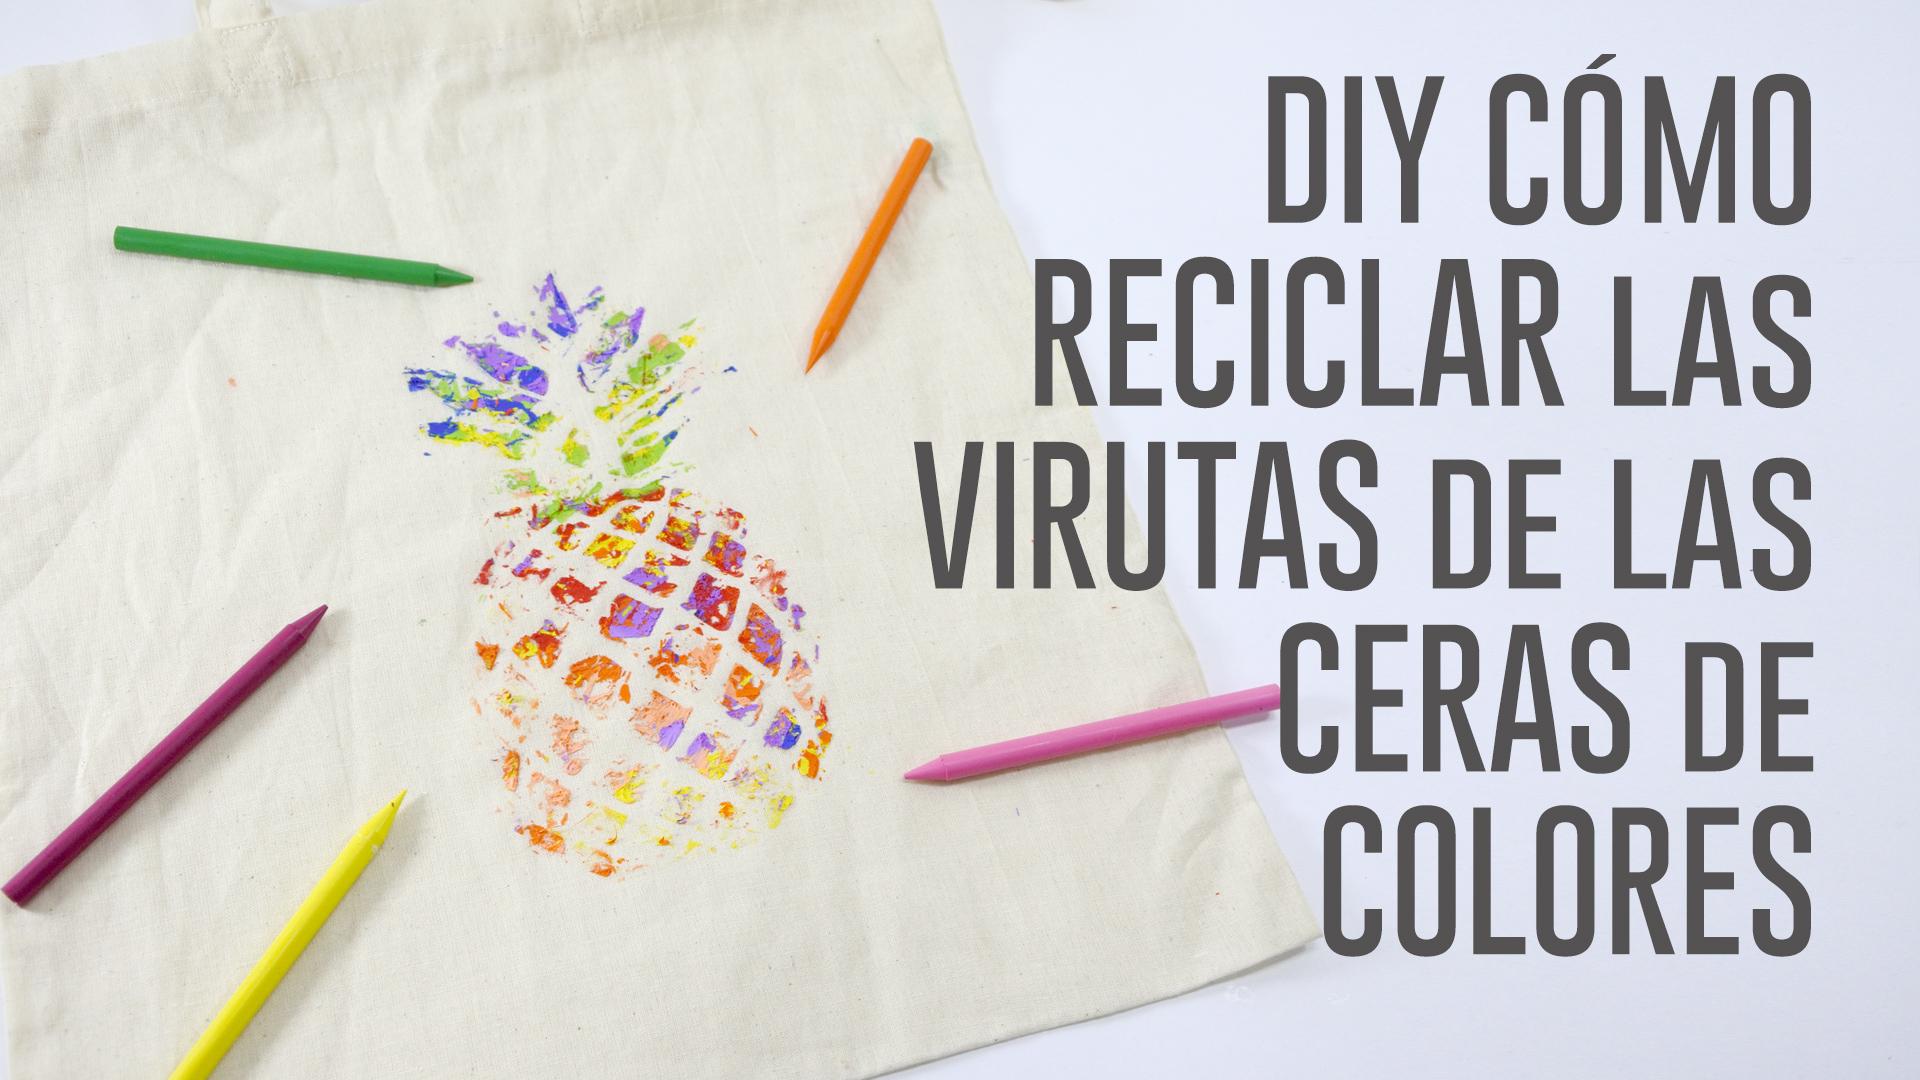 DIY RECICLAR VIRUTAS CERAS COLORES.Imagen fija001